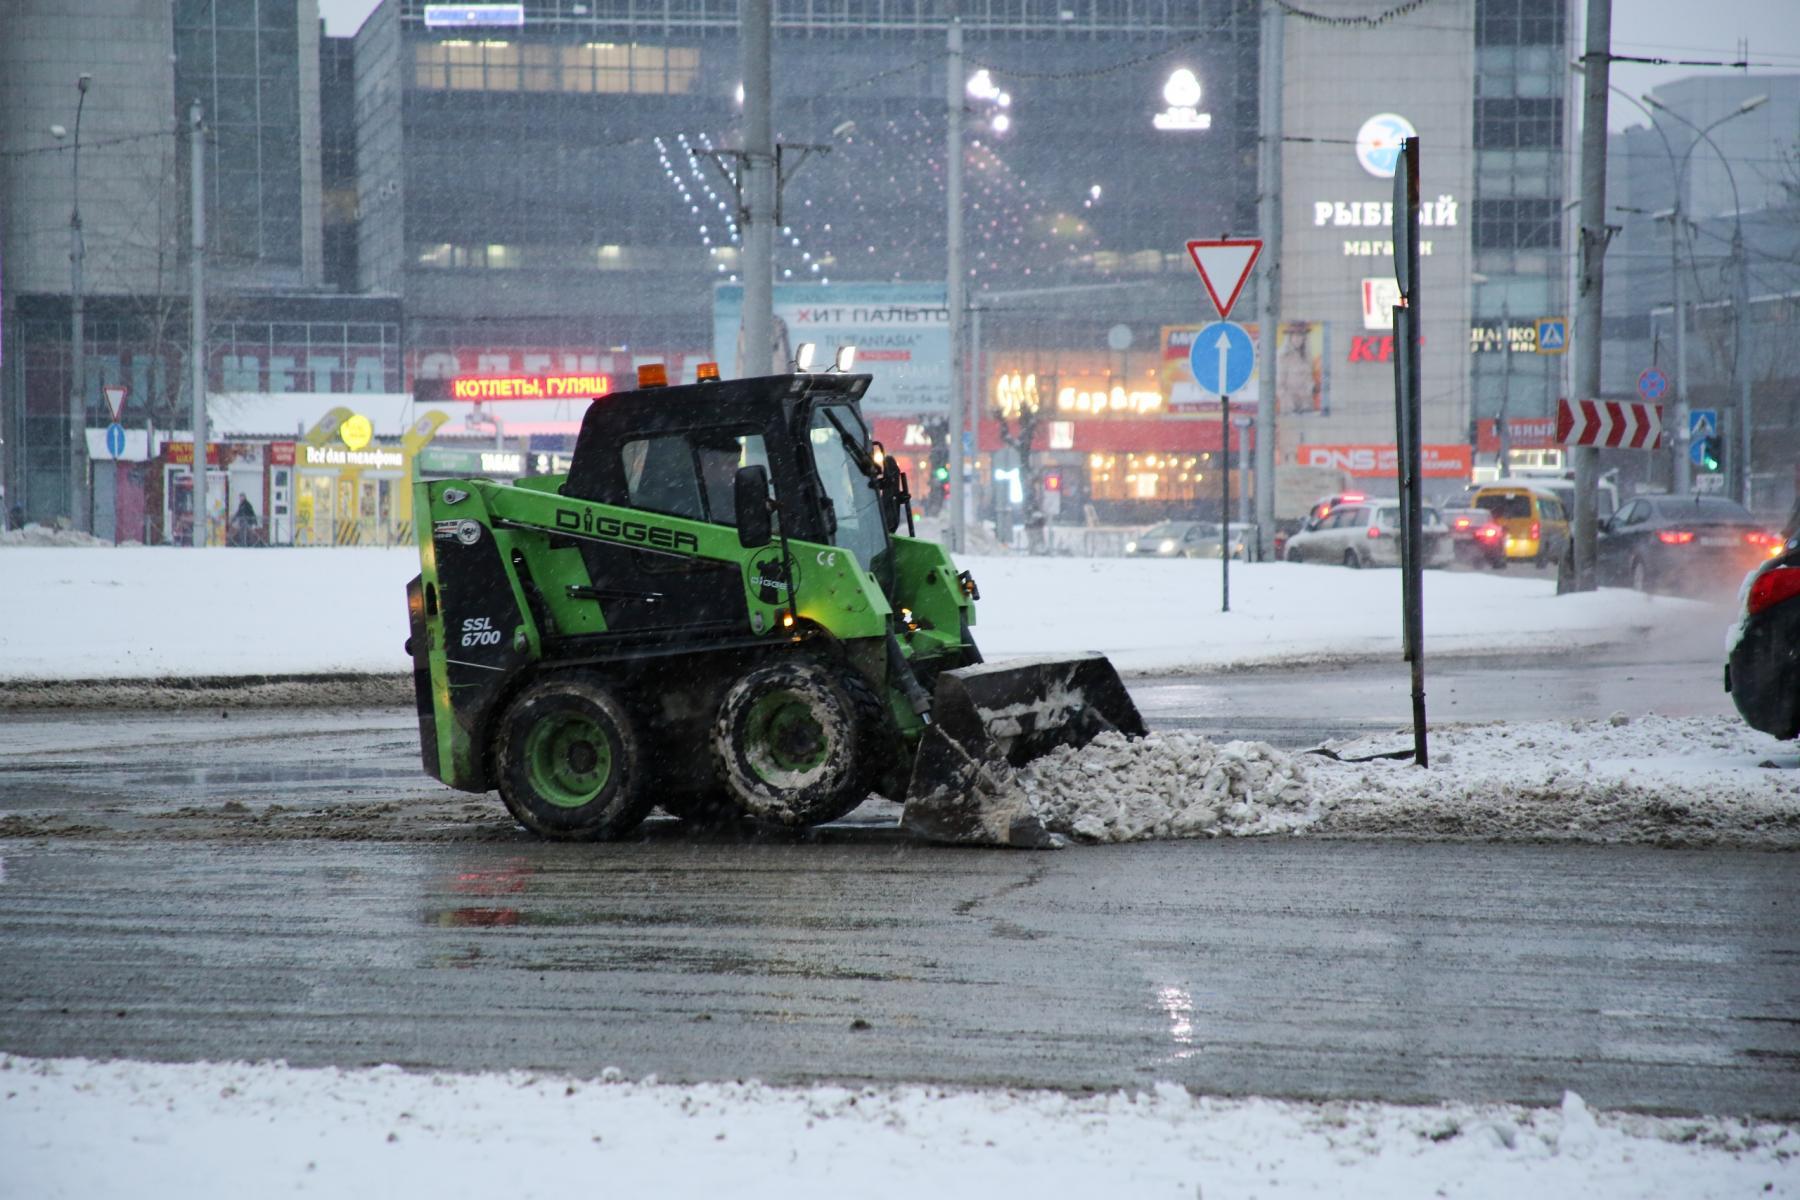 фото Привыкайте к вони: в Новосибирске предложили бороться со снегом при помощи фекалий 3